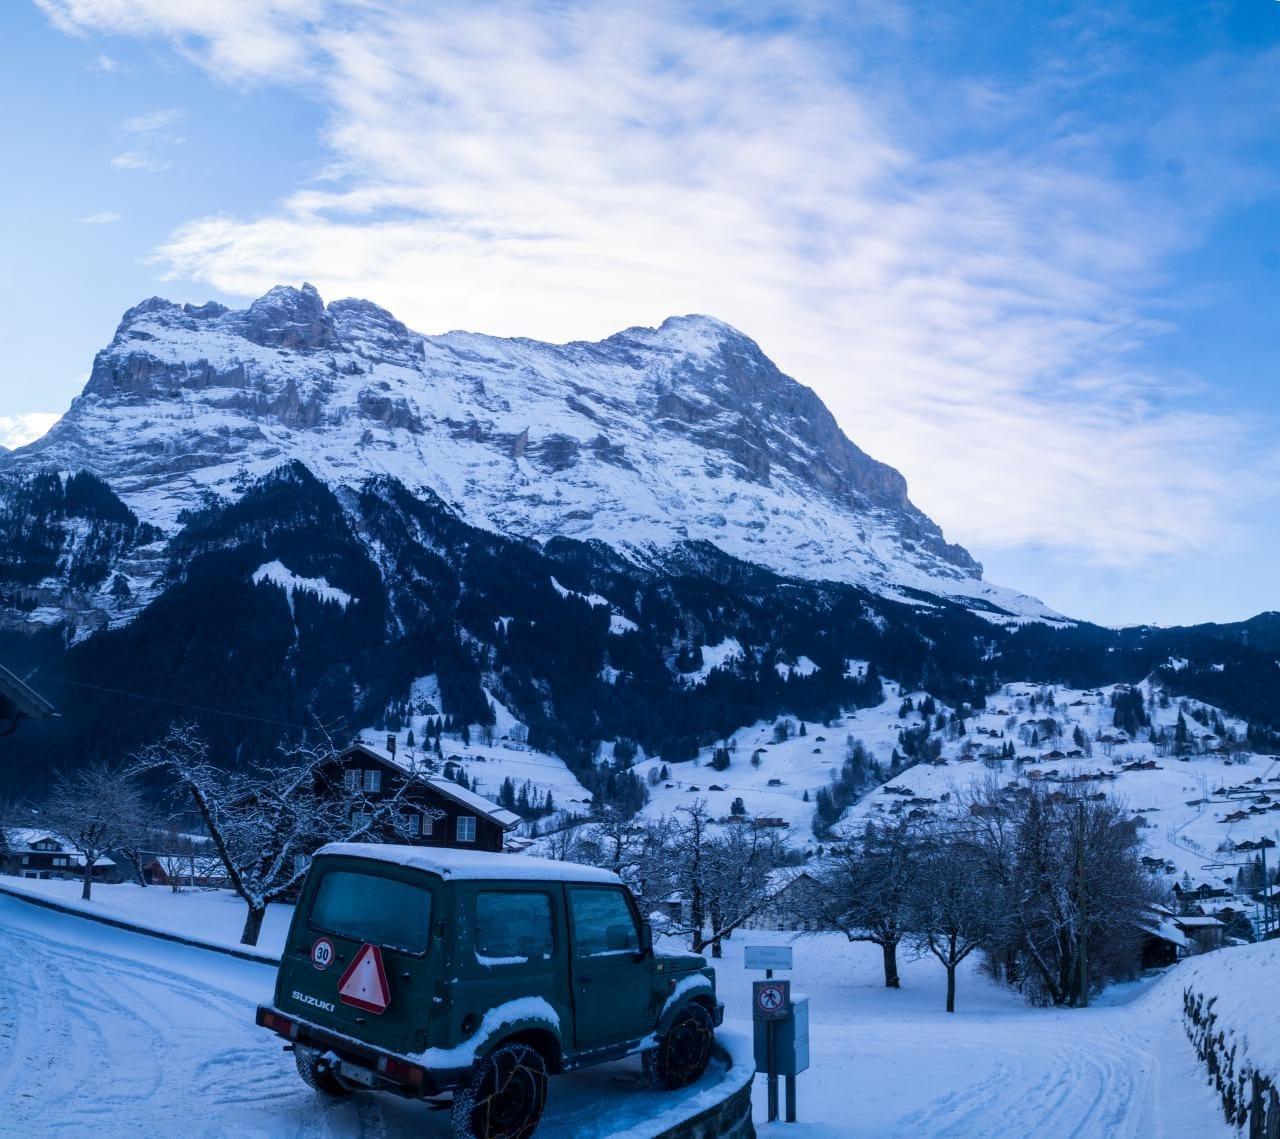 스위스 자동차 여행 - 그린델발트 눈내린 겨울 풍경과 아이거산 품경, Image by Happist